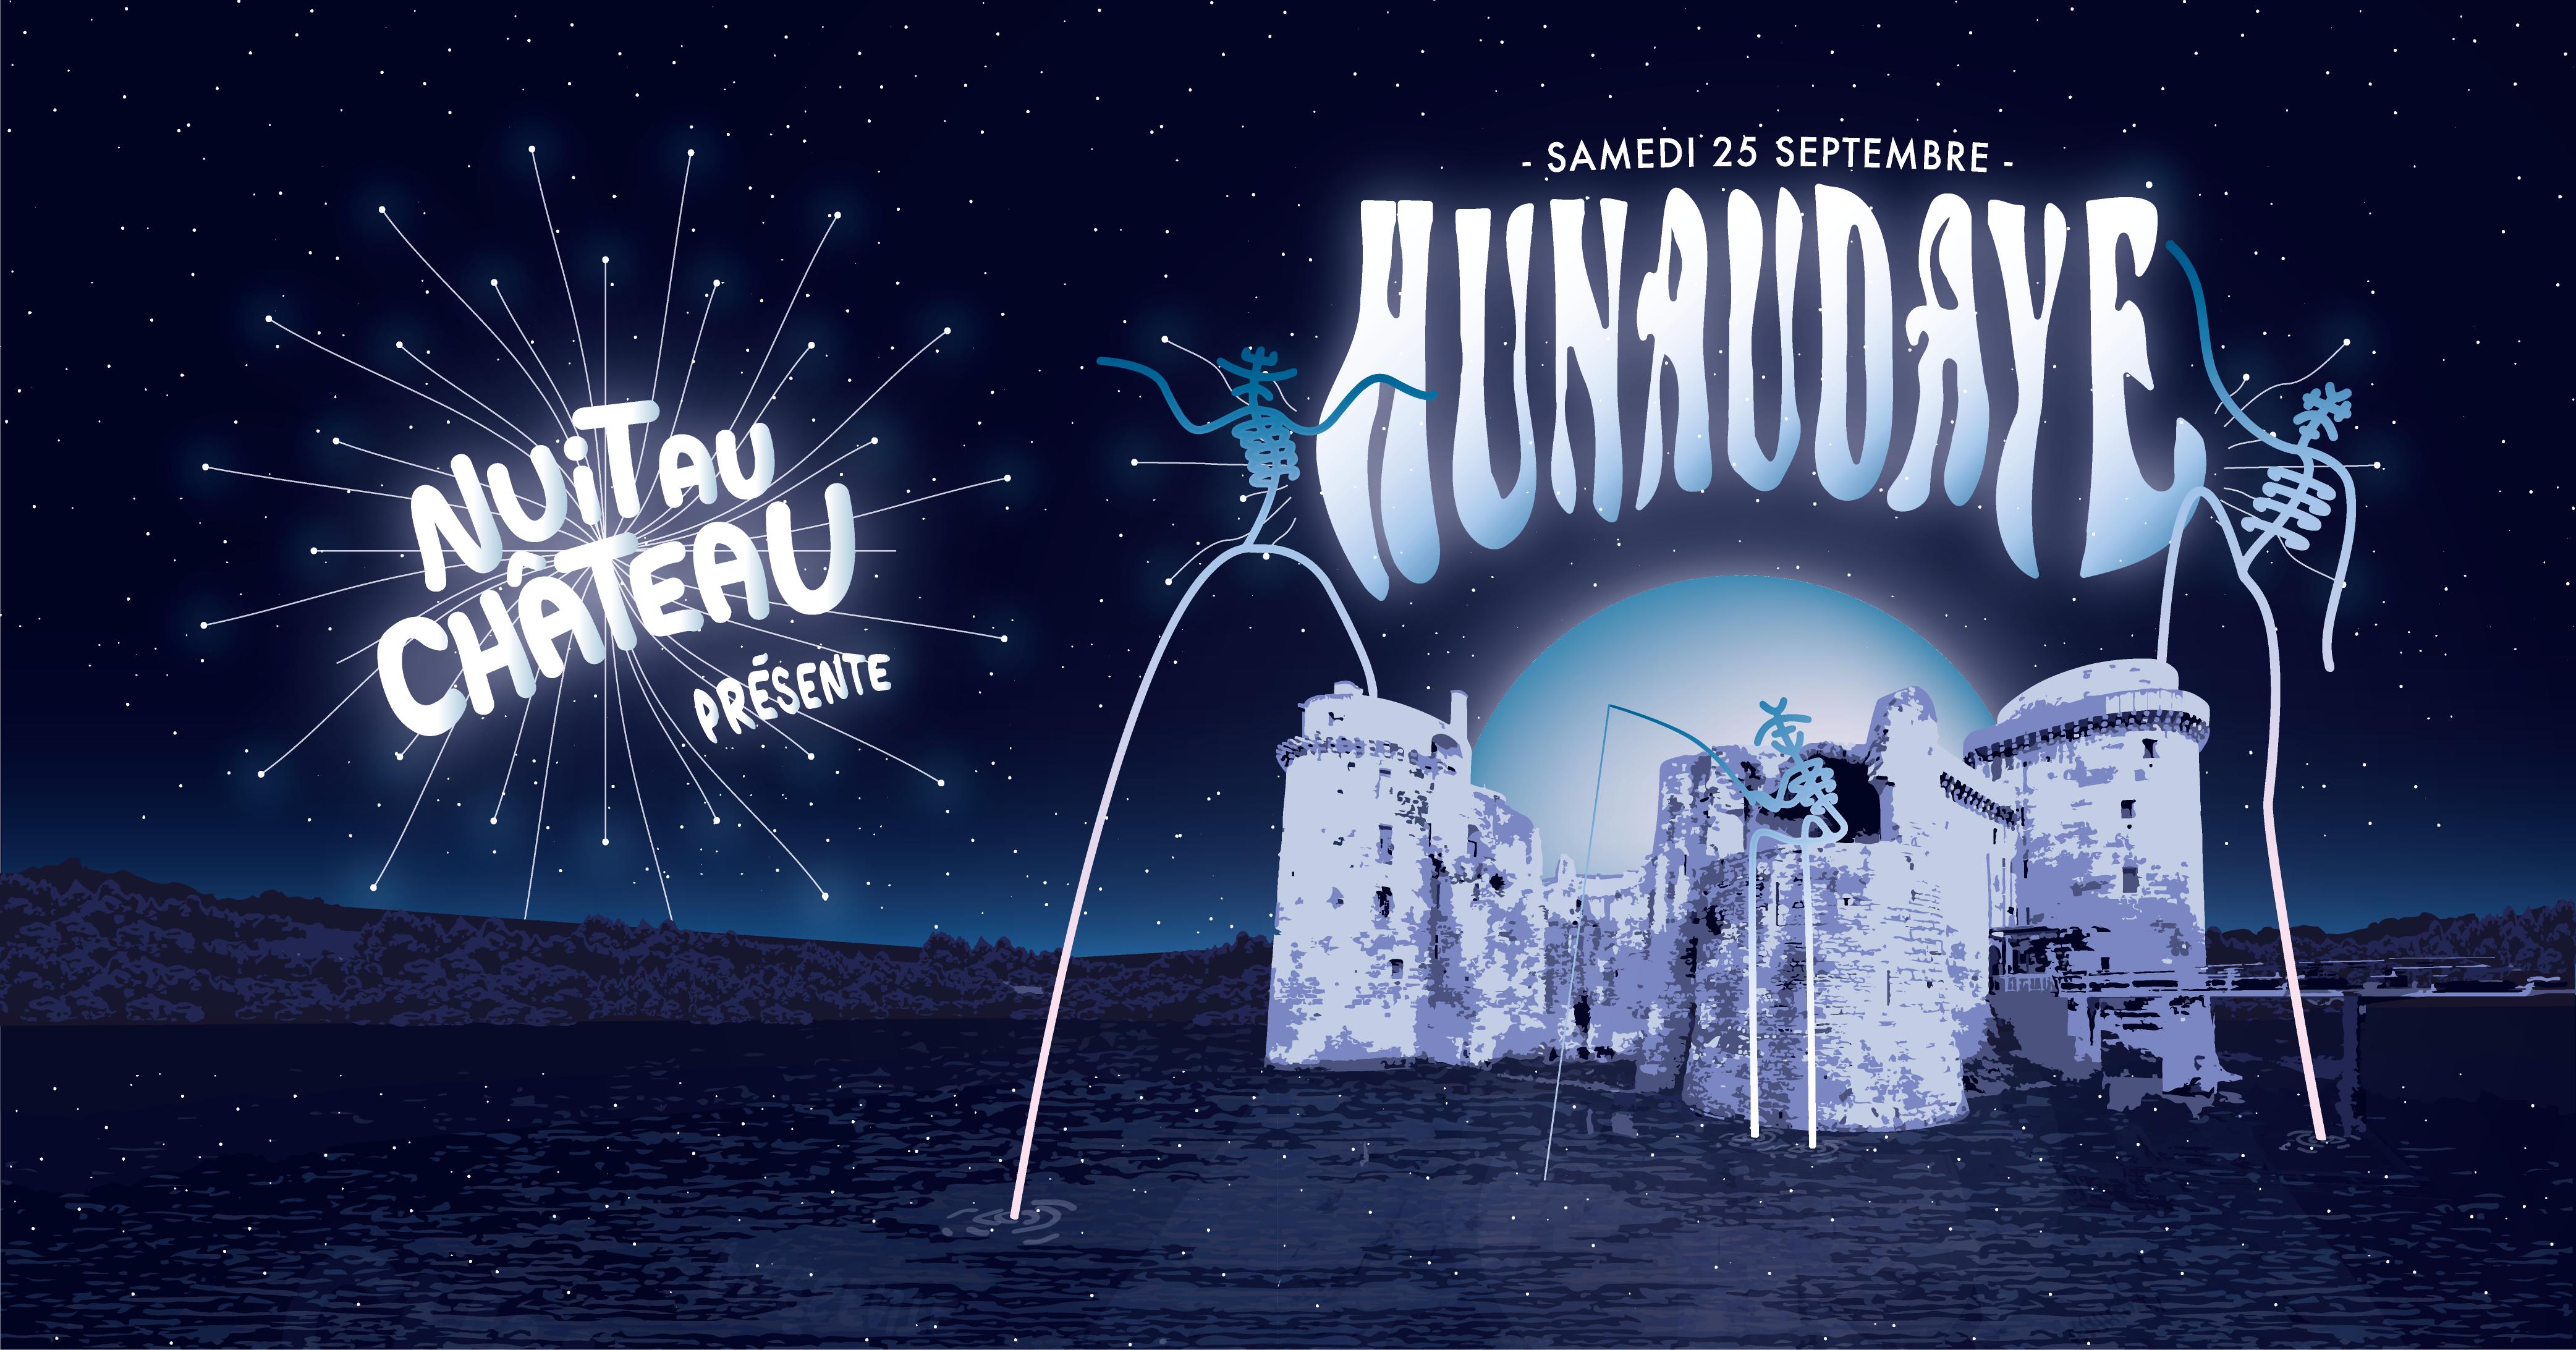 Nuit au château : La Hunaudaye